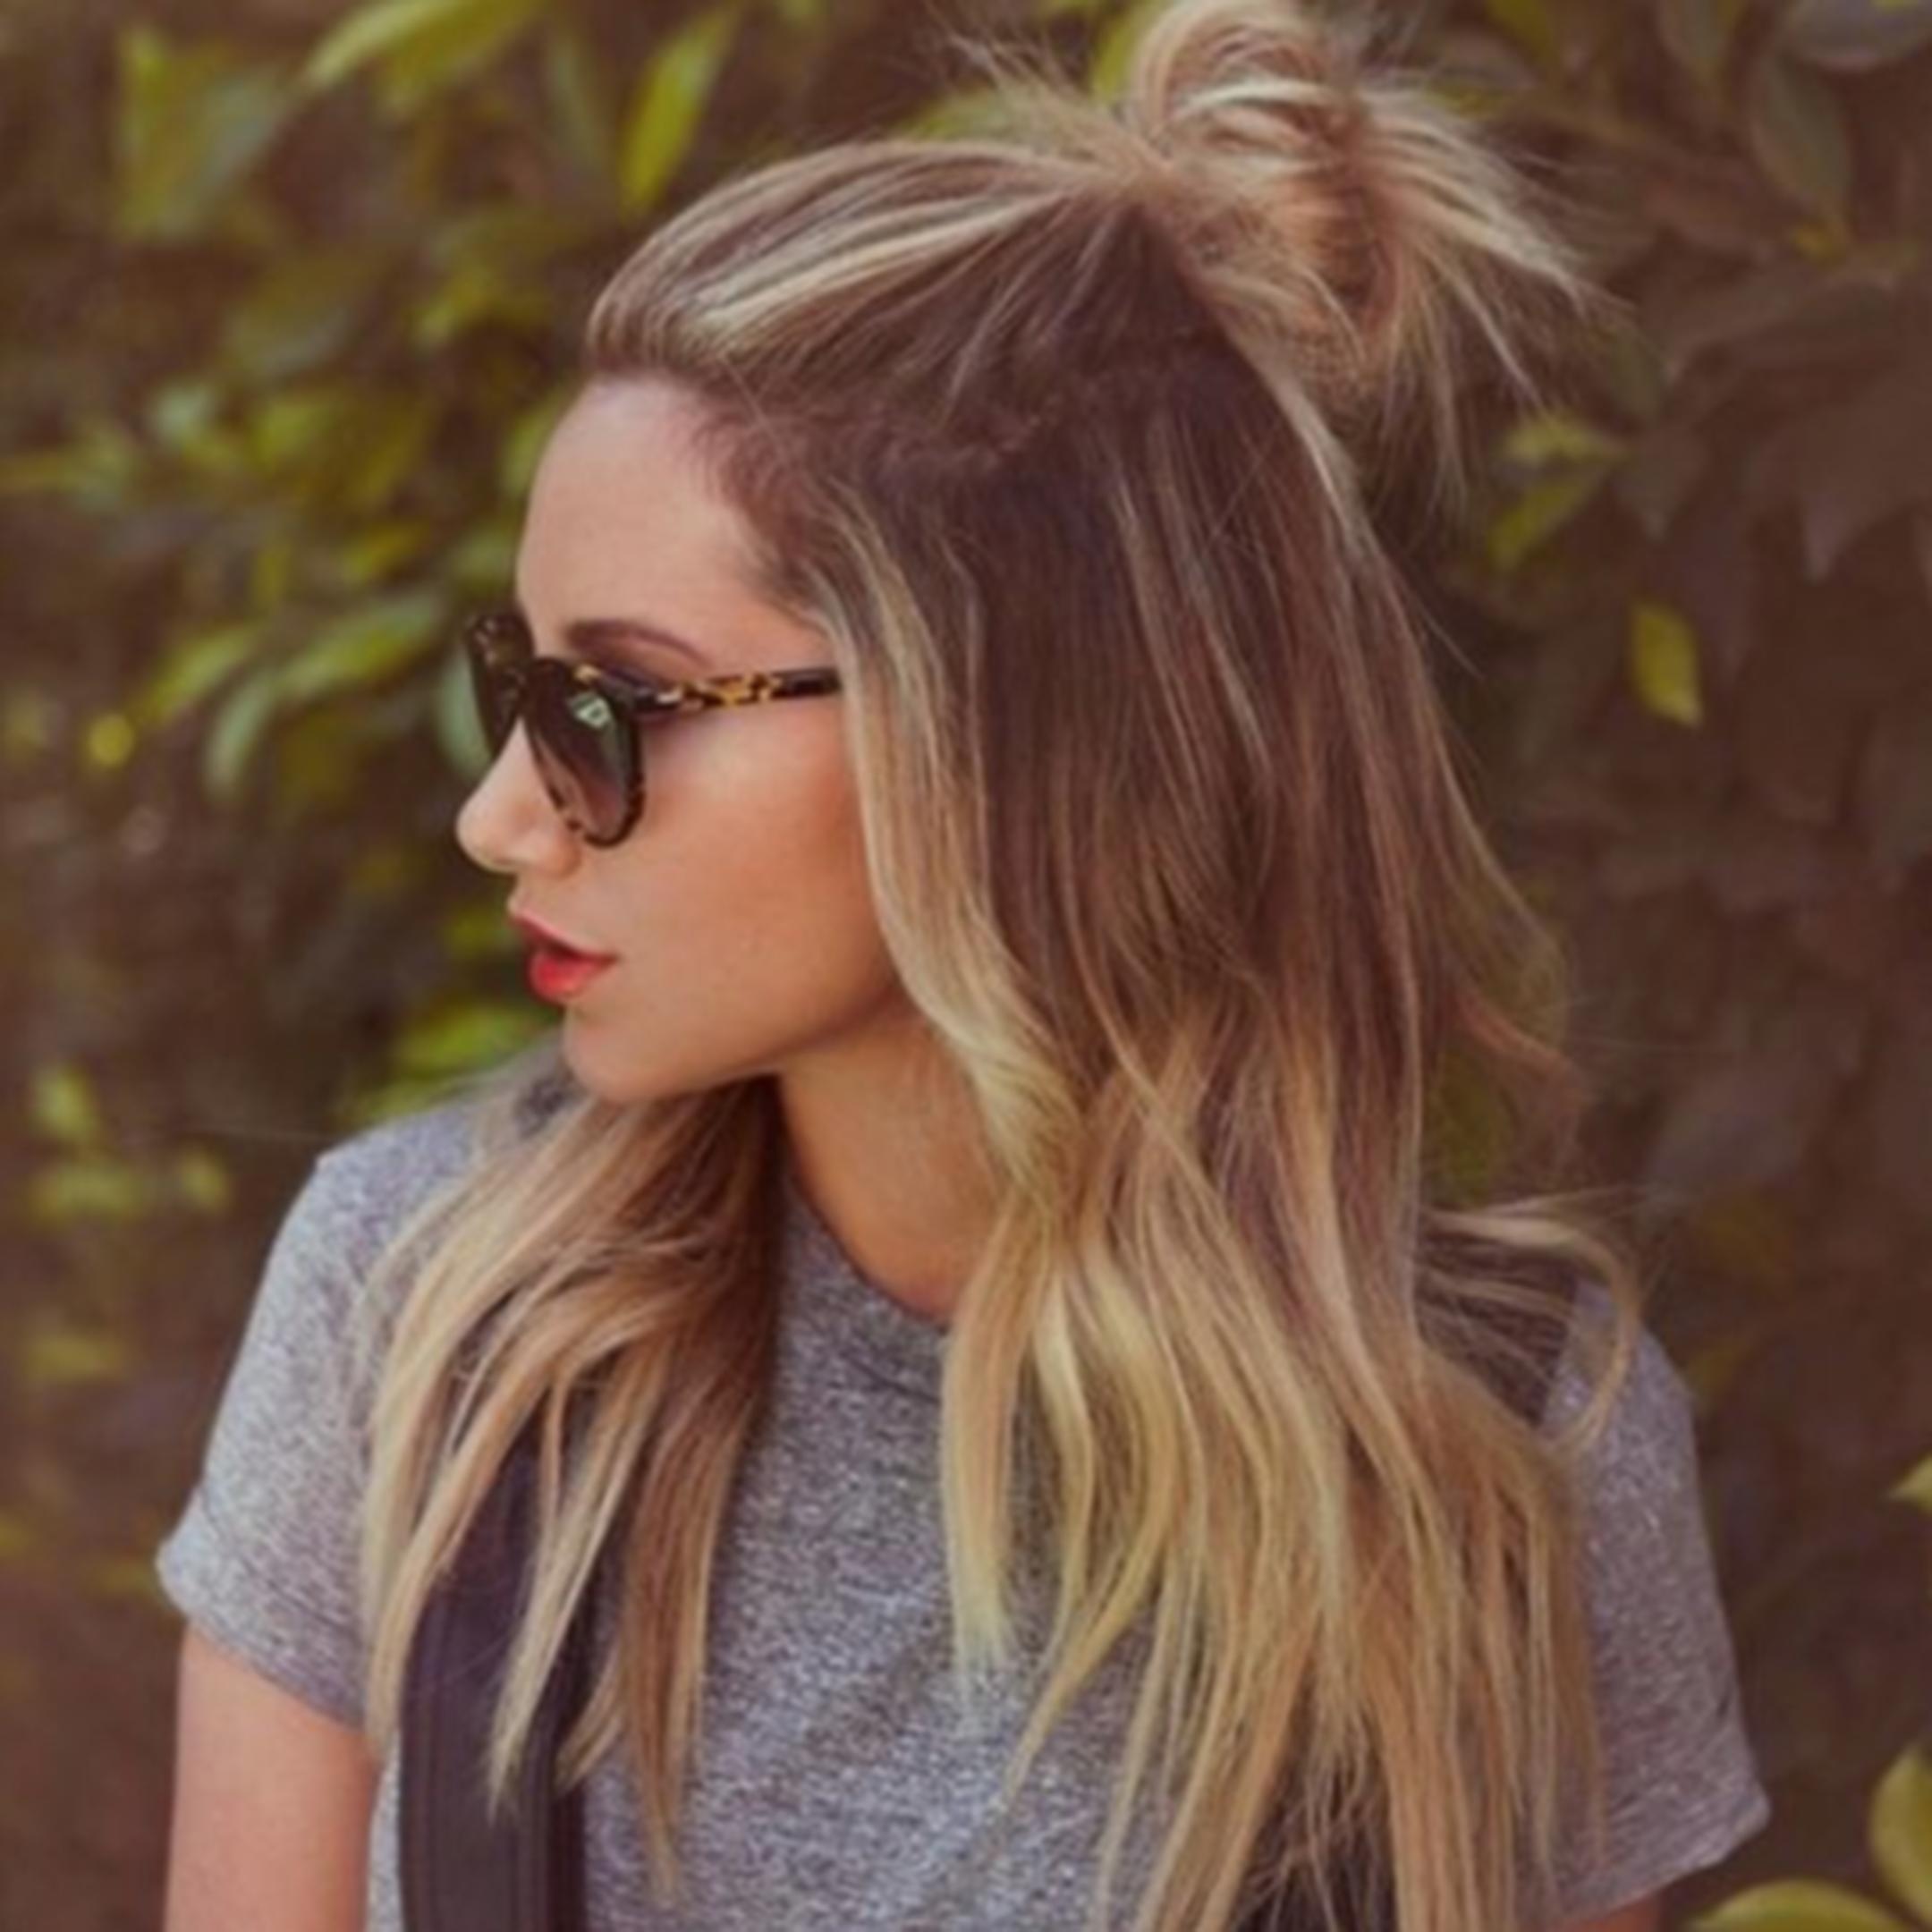 alessia-canella-halfbun-capelli-tendenza-moda